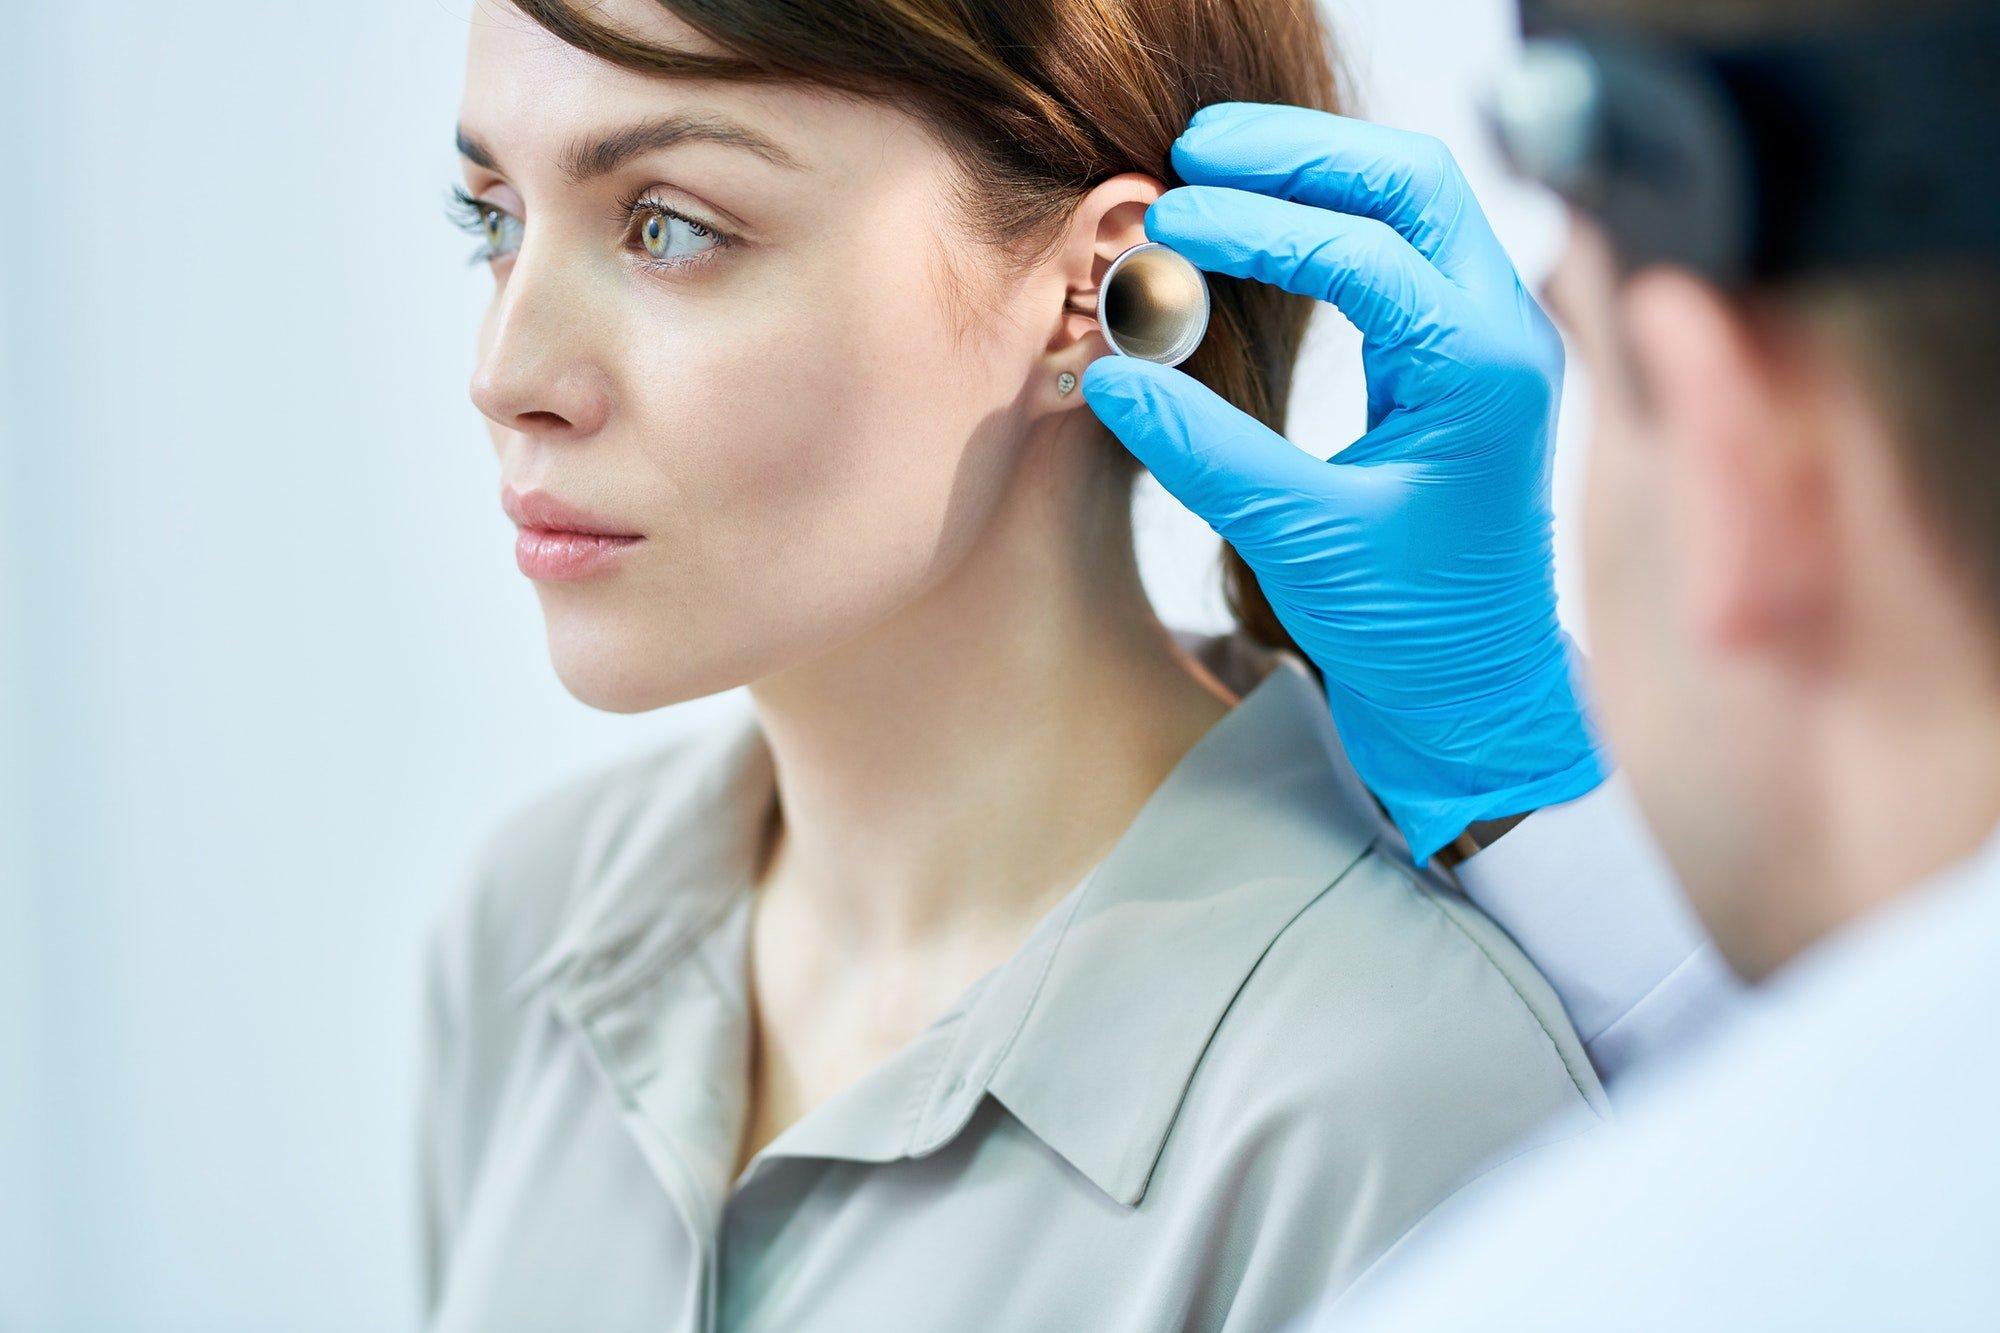 Otorinolaringoiatra esamina orecchio di una paziente